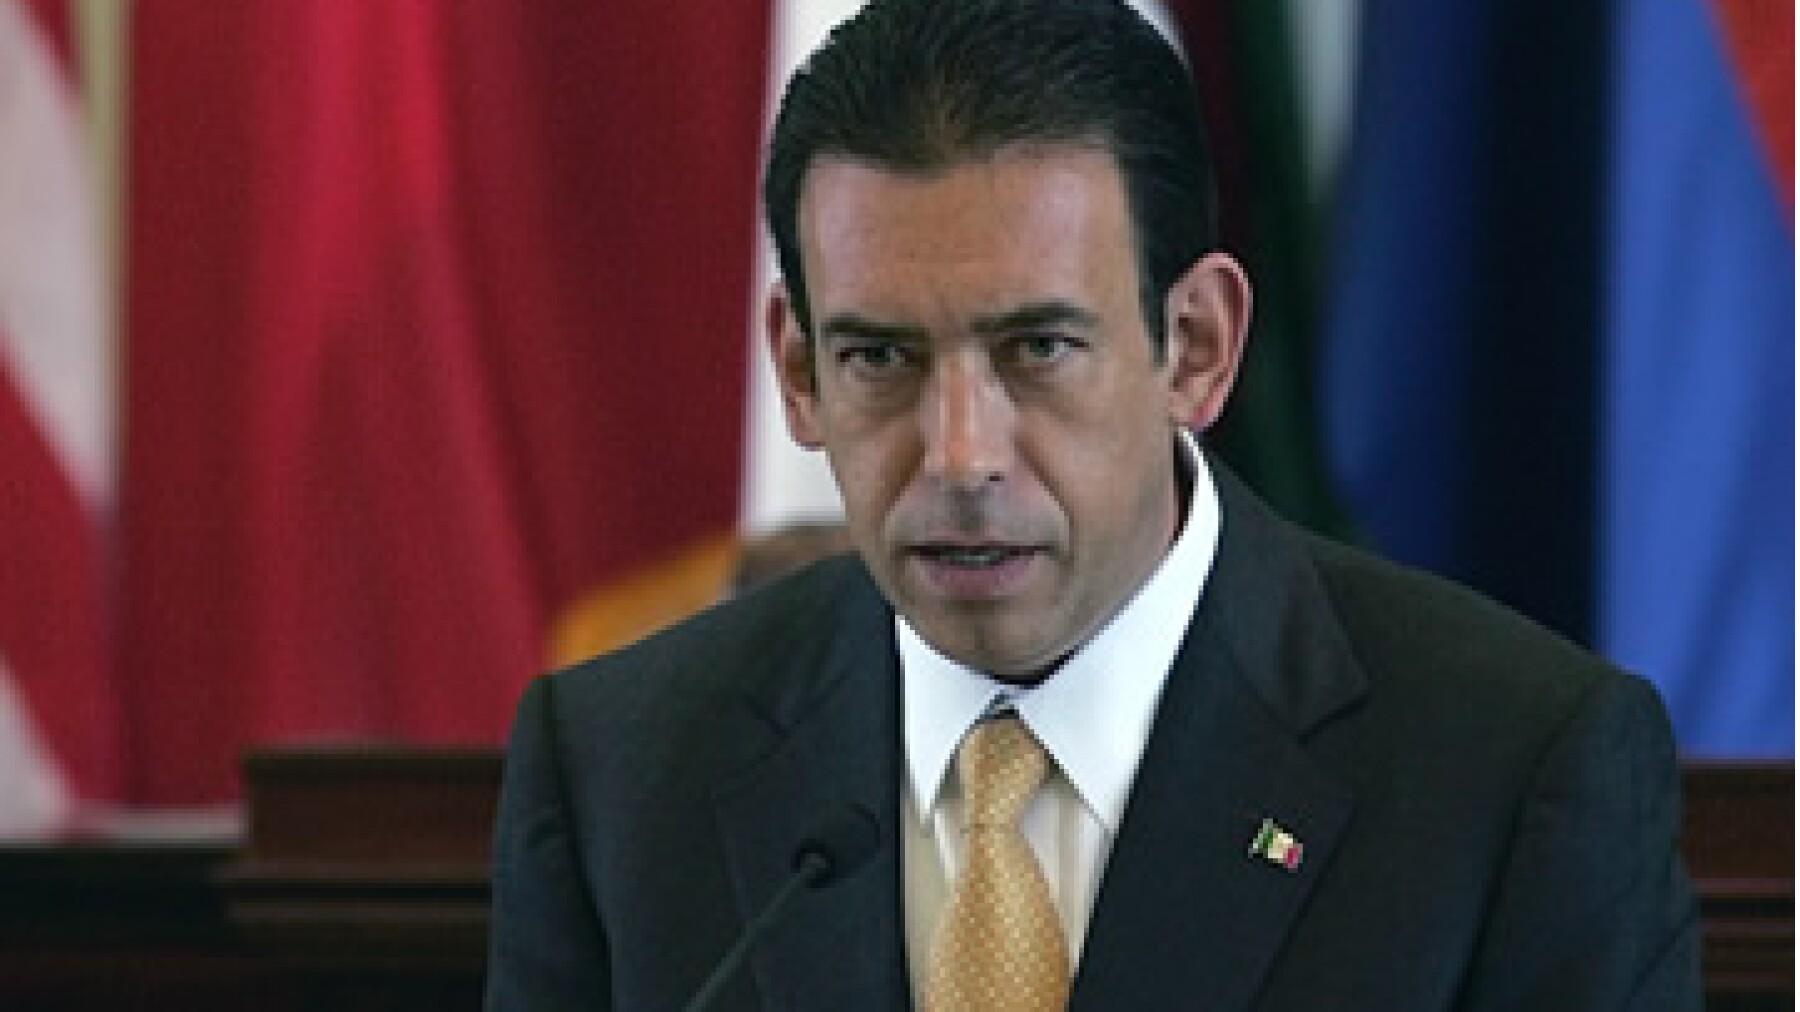 Humberto Moreira no pudo sostener su cargo de presidente del PRI cuando se dio a conocer que Coahuila, estado gobernado por su hermano, era de las entidades más endeudadas del país. (Foto: AP)